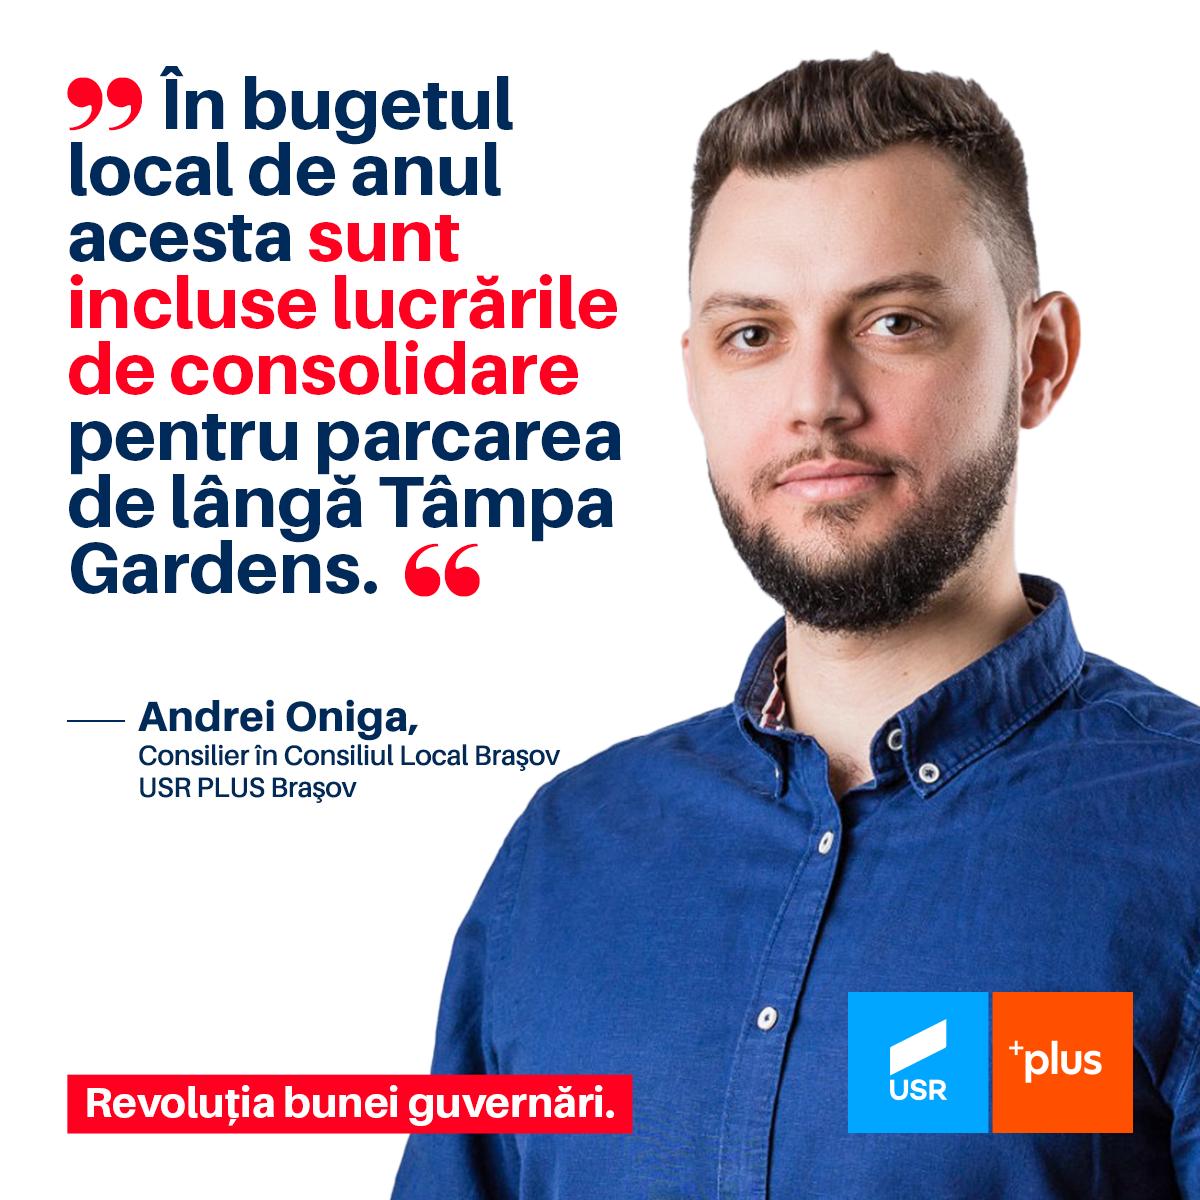 citat Andrei Oniga